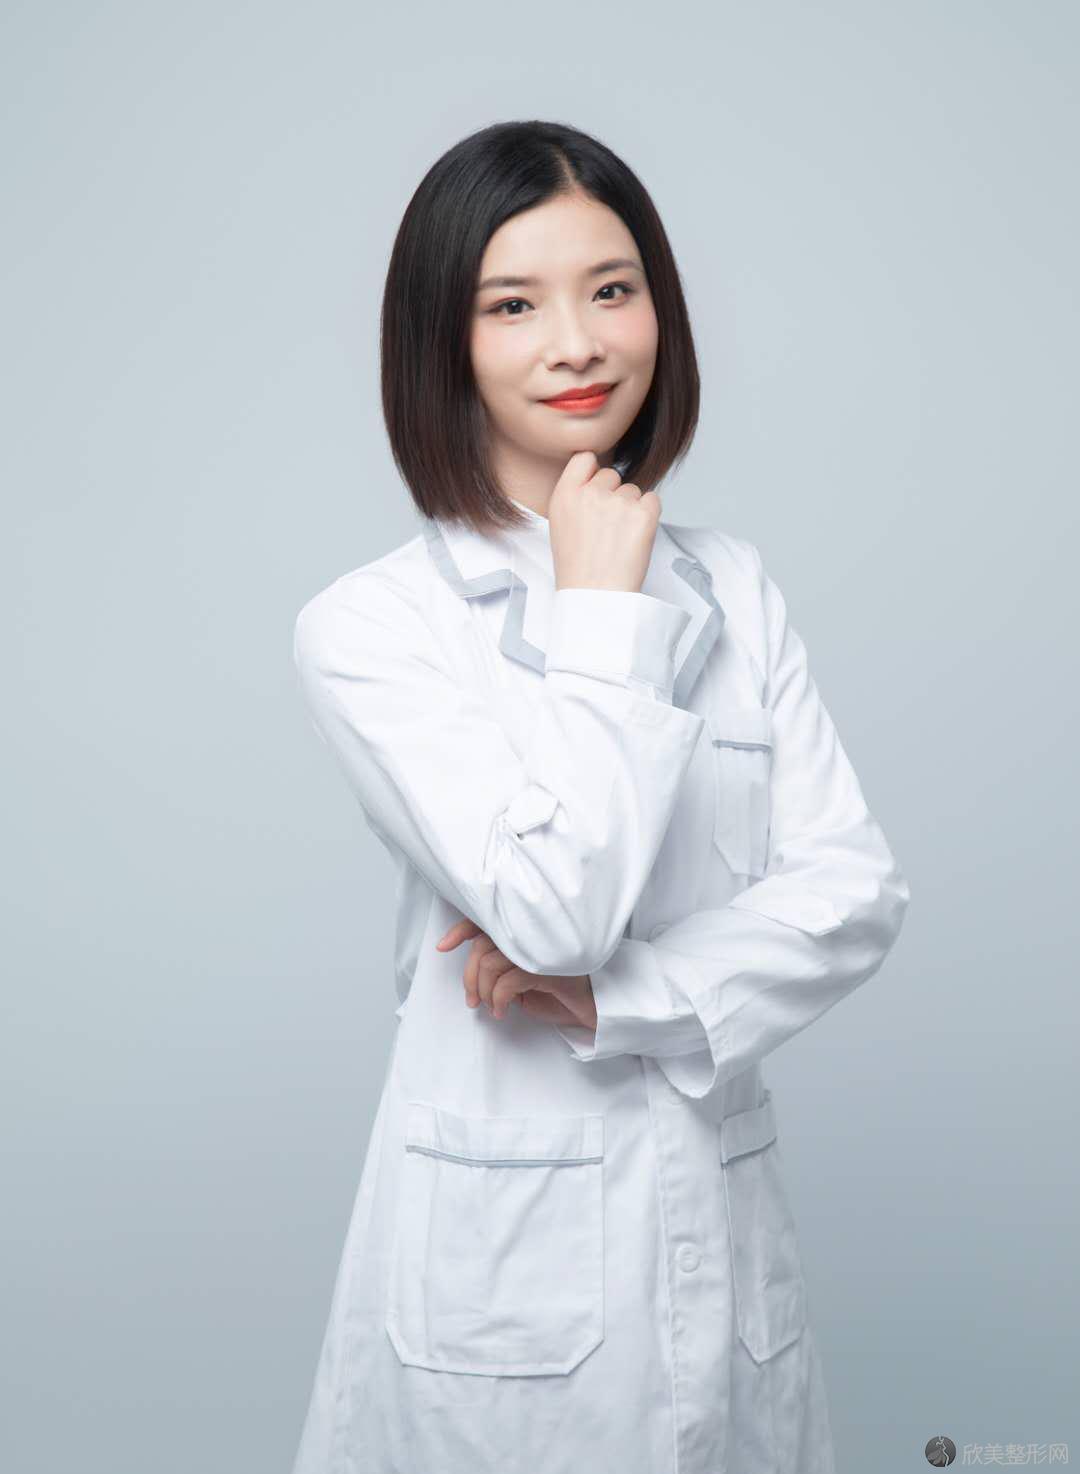 北京妍美医疗美容诊所周丽丽做激光去红血丝怎么样?效果好不好?附案例和价